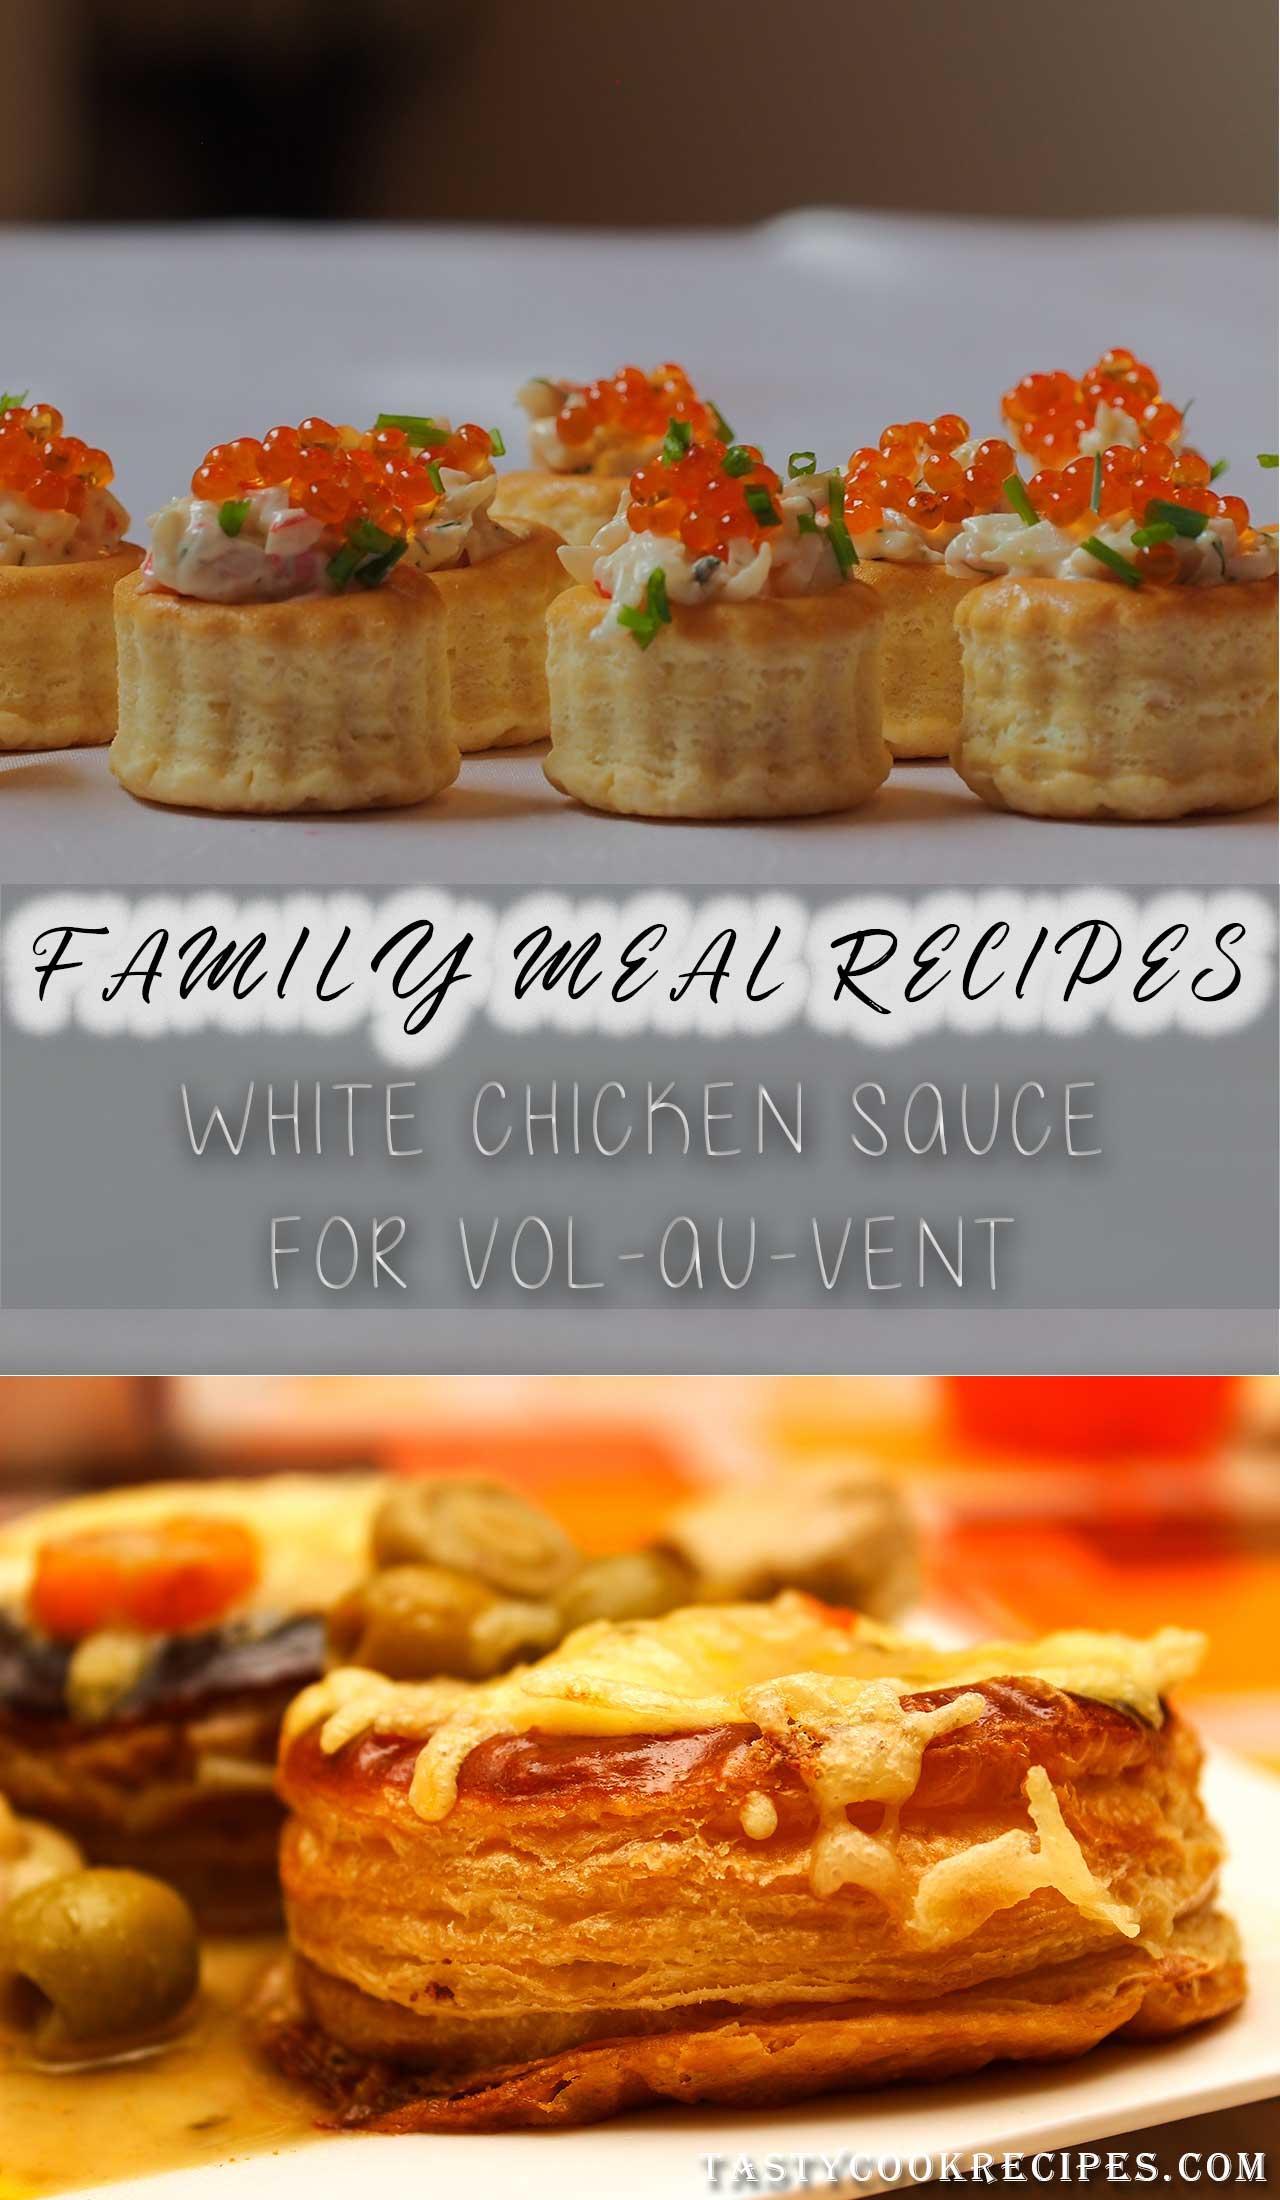 white chicken sauce for vol au vent, white sauce recipe